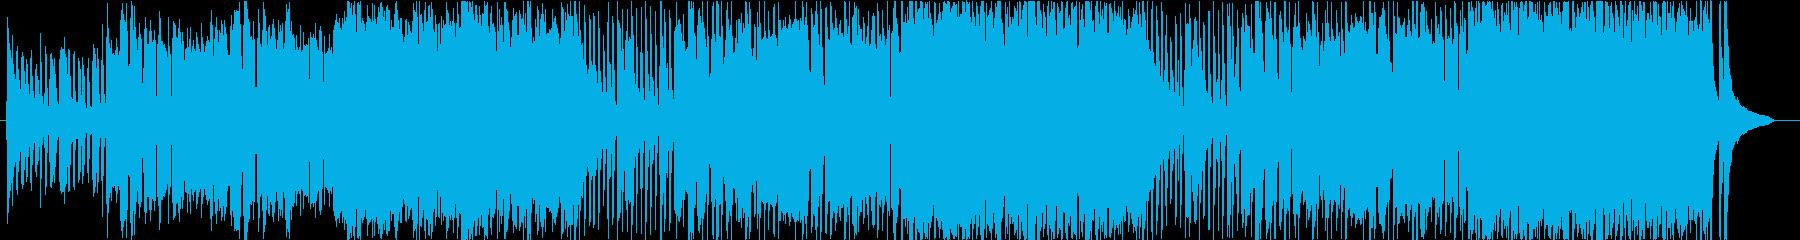 異国情緒を感じるアコーディオンワルツの再生済みの波形